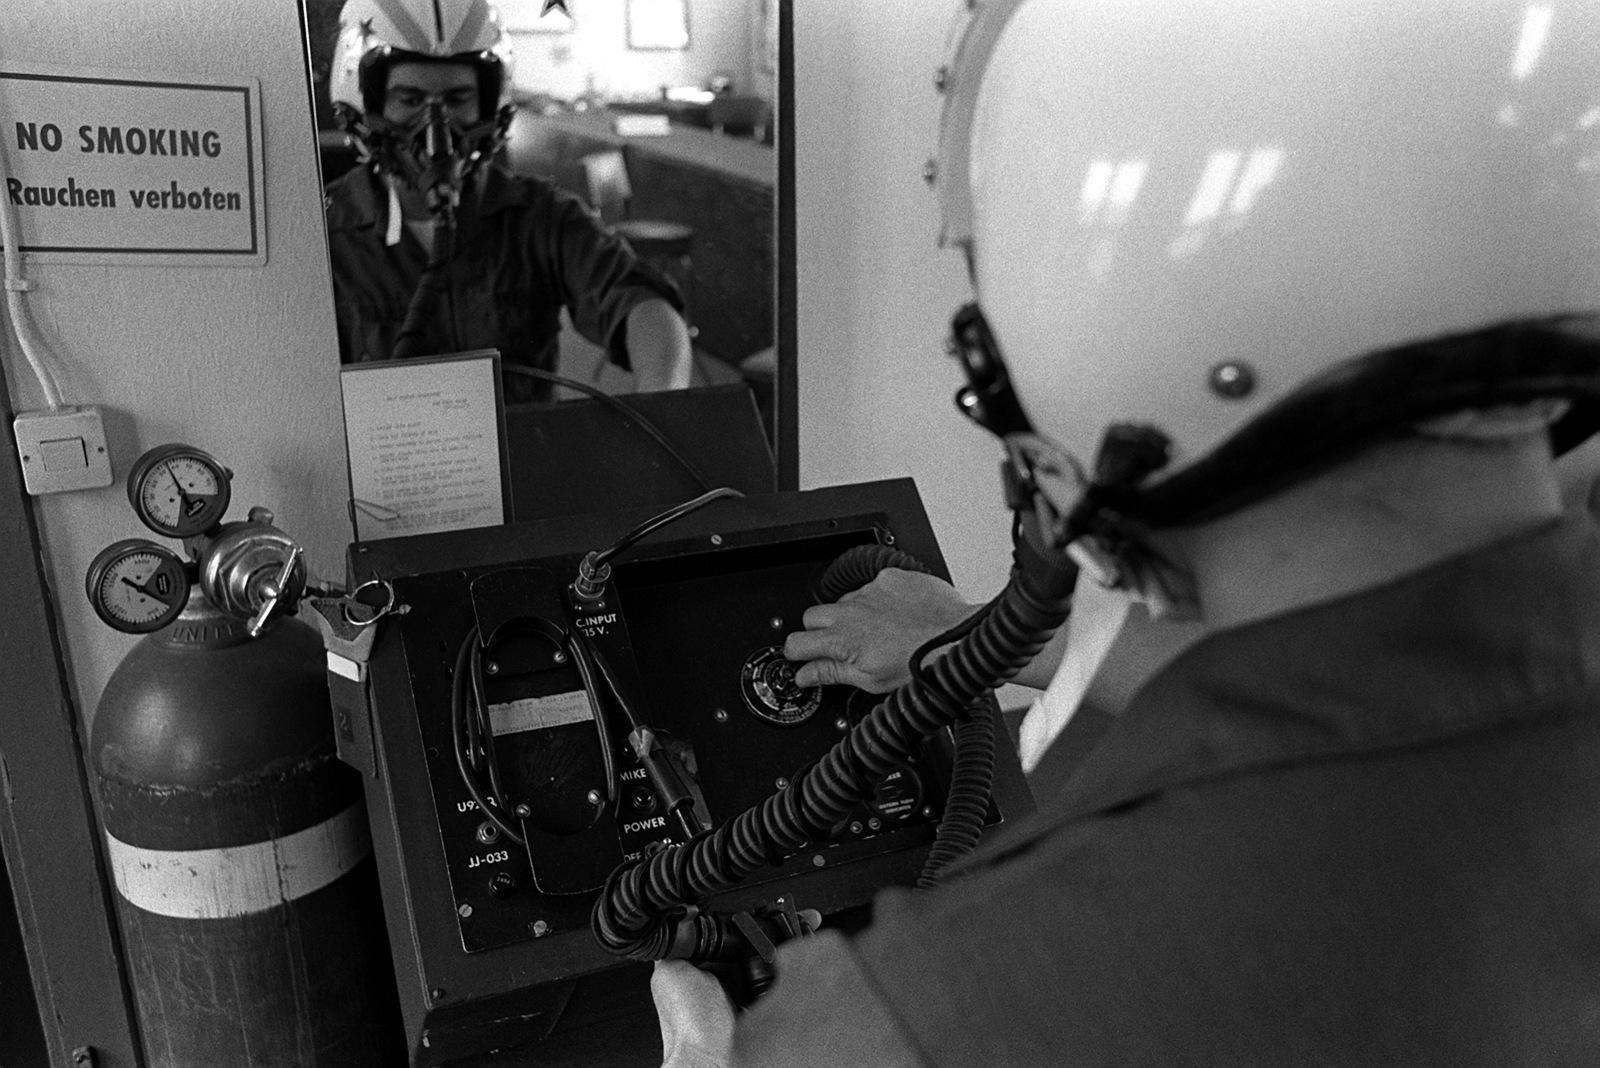 An airman 1ST class uses an MQ-1 tester to test an HGU-2/AP